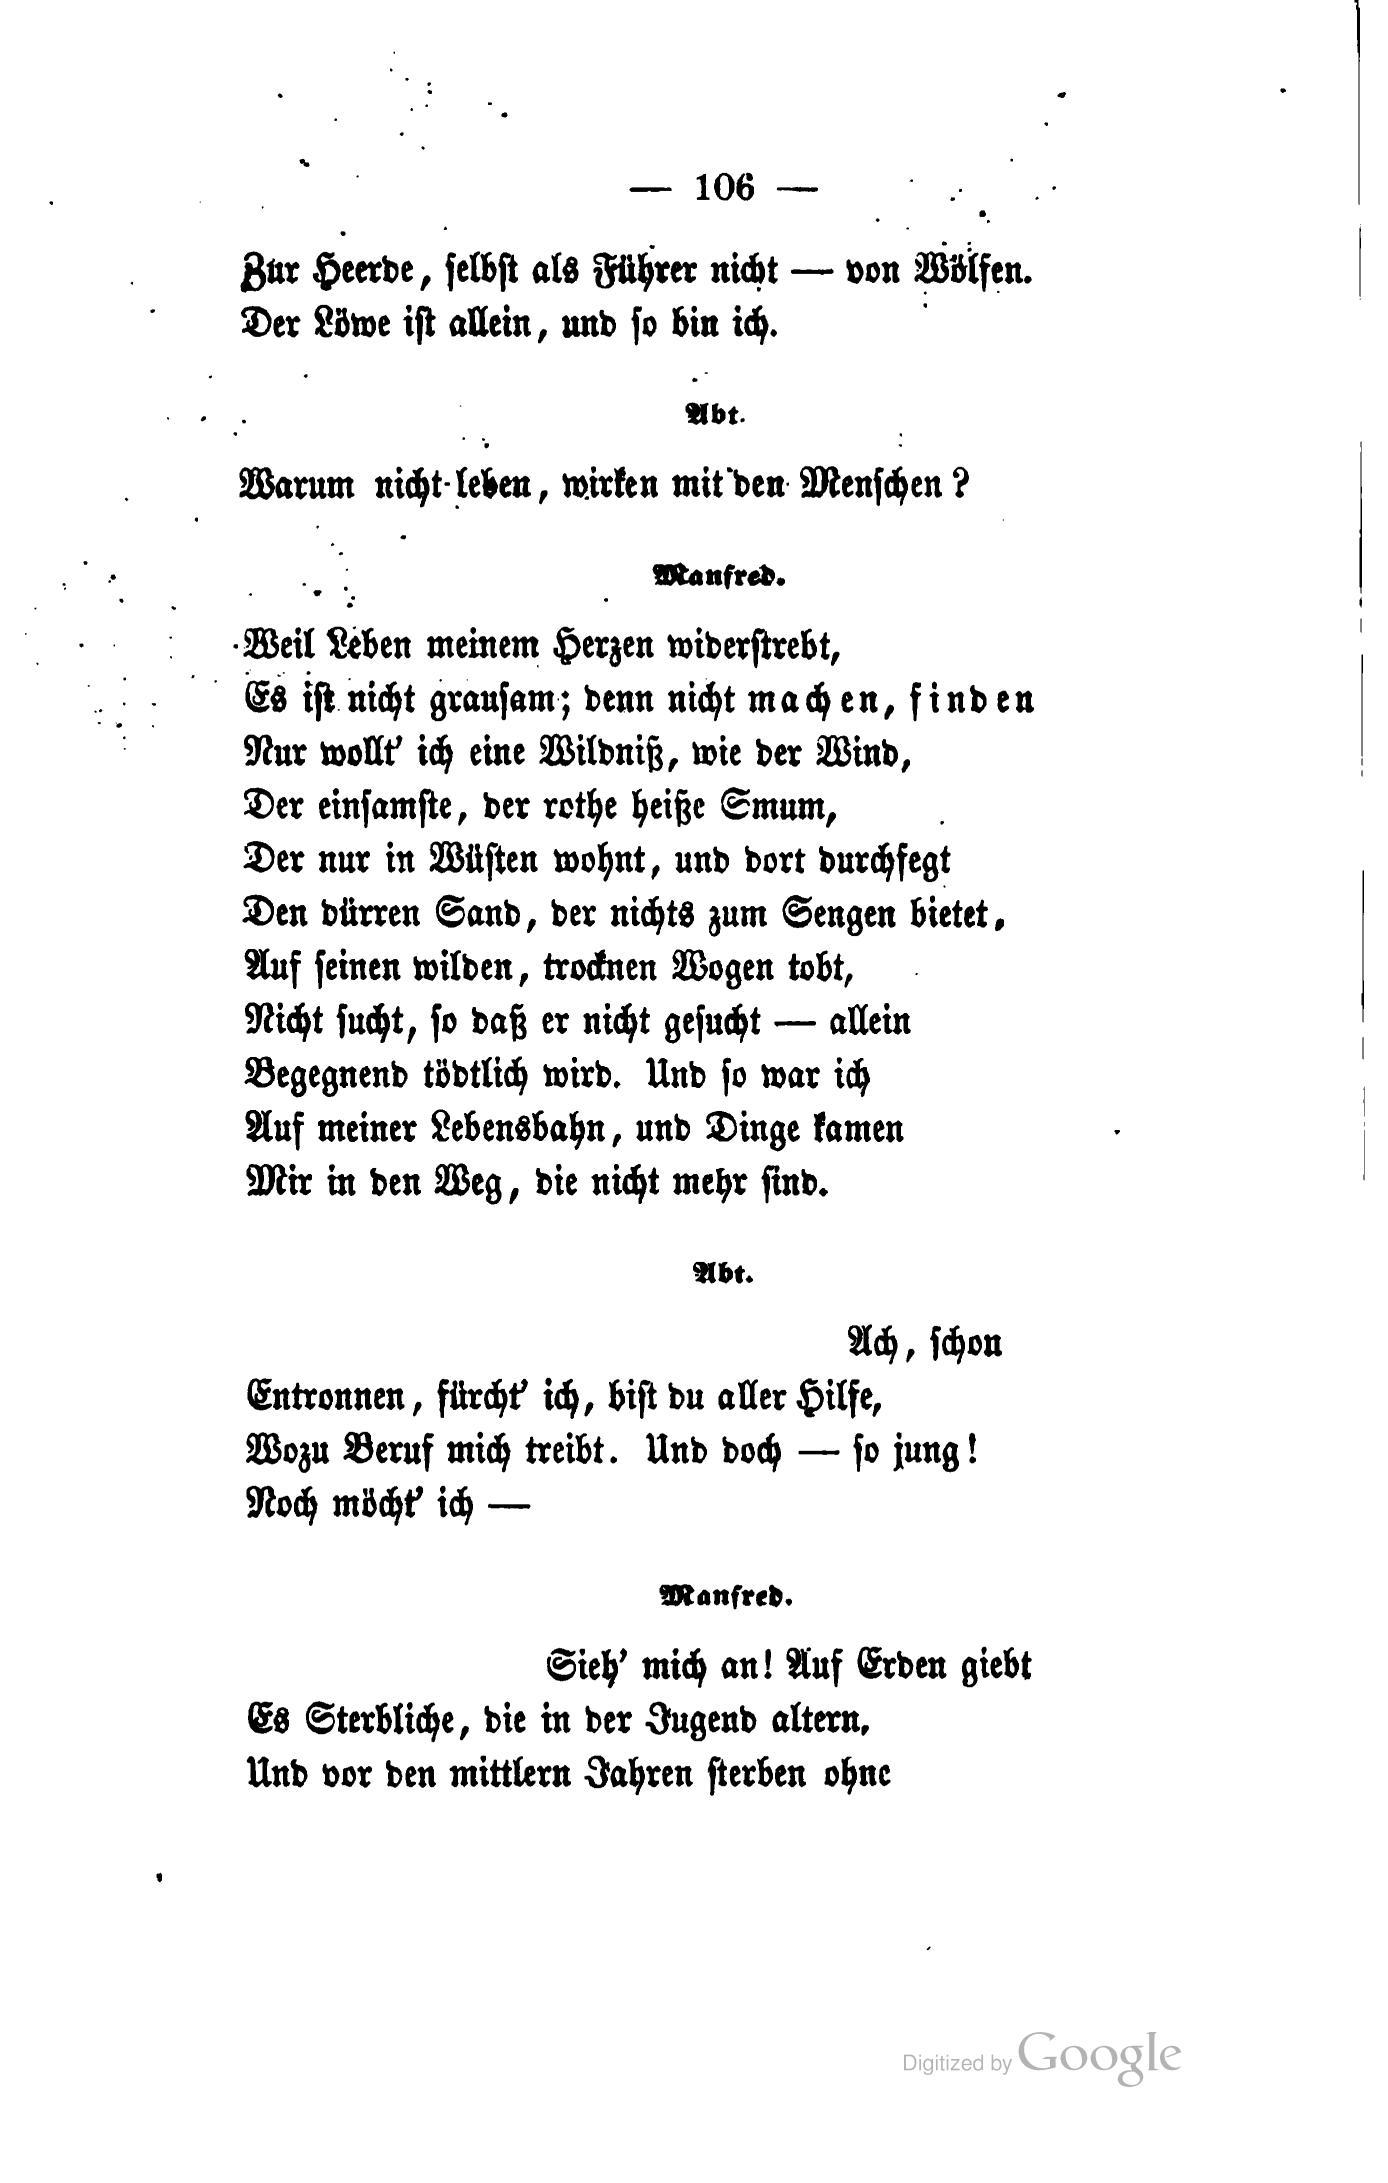 Filejoseph Emanuel Hilscher Gedichte 106jpg